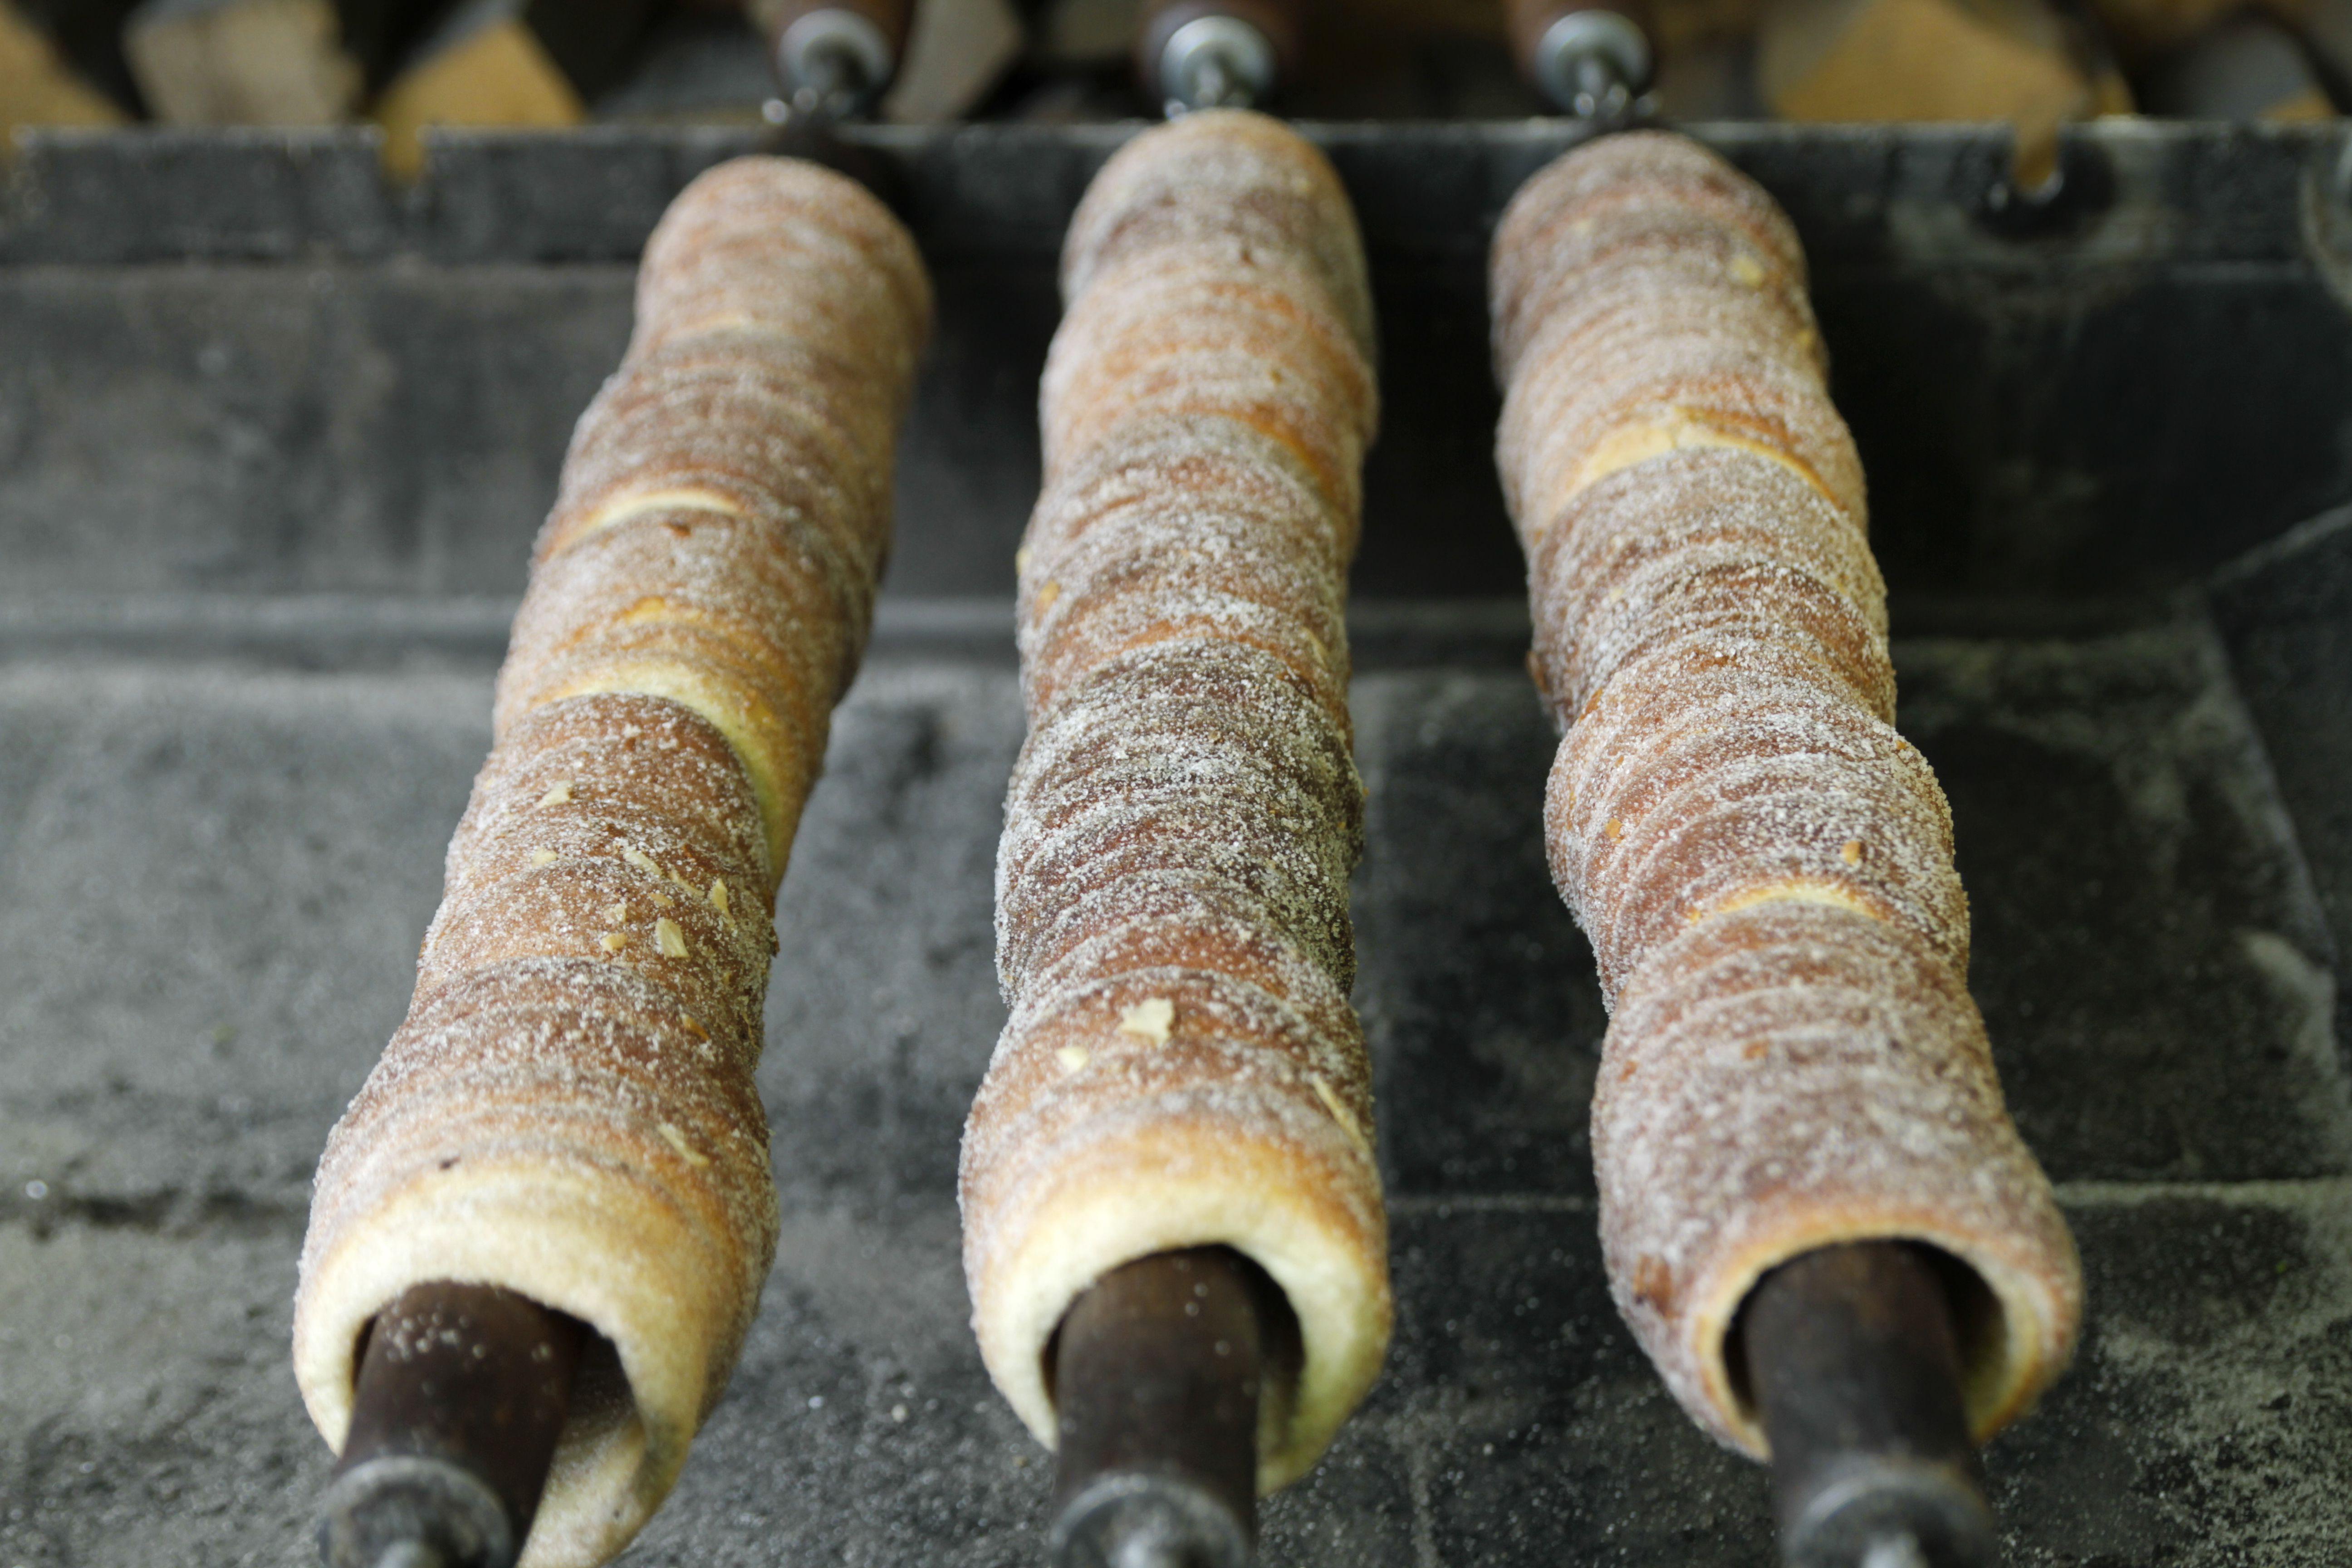 Trdelnik - sweet pastry grilled over flames in Prague